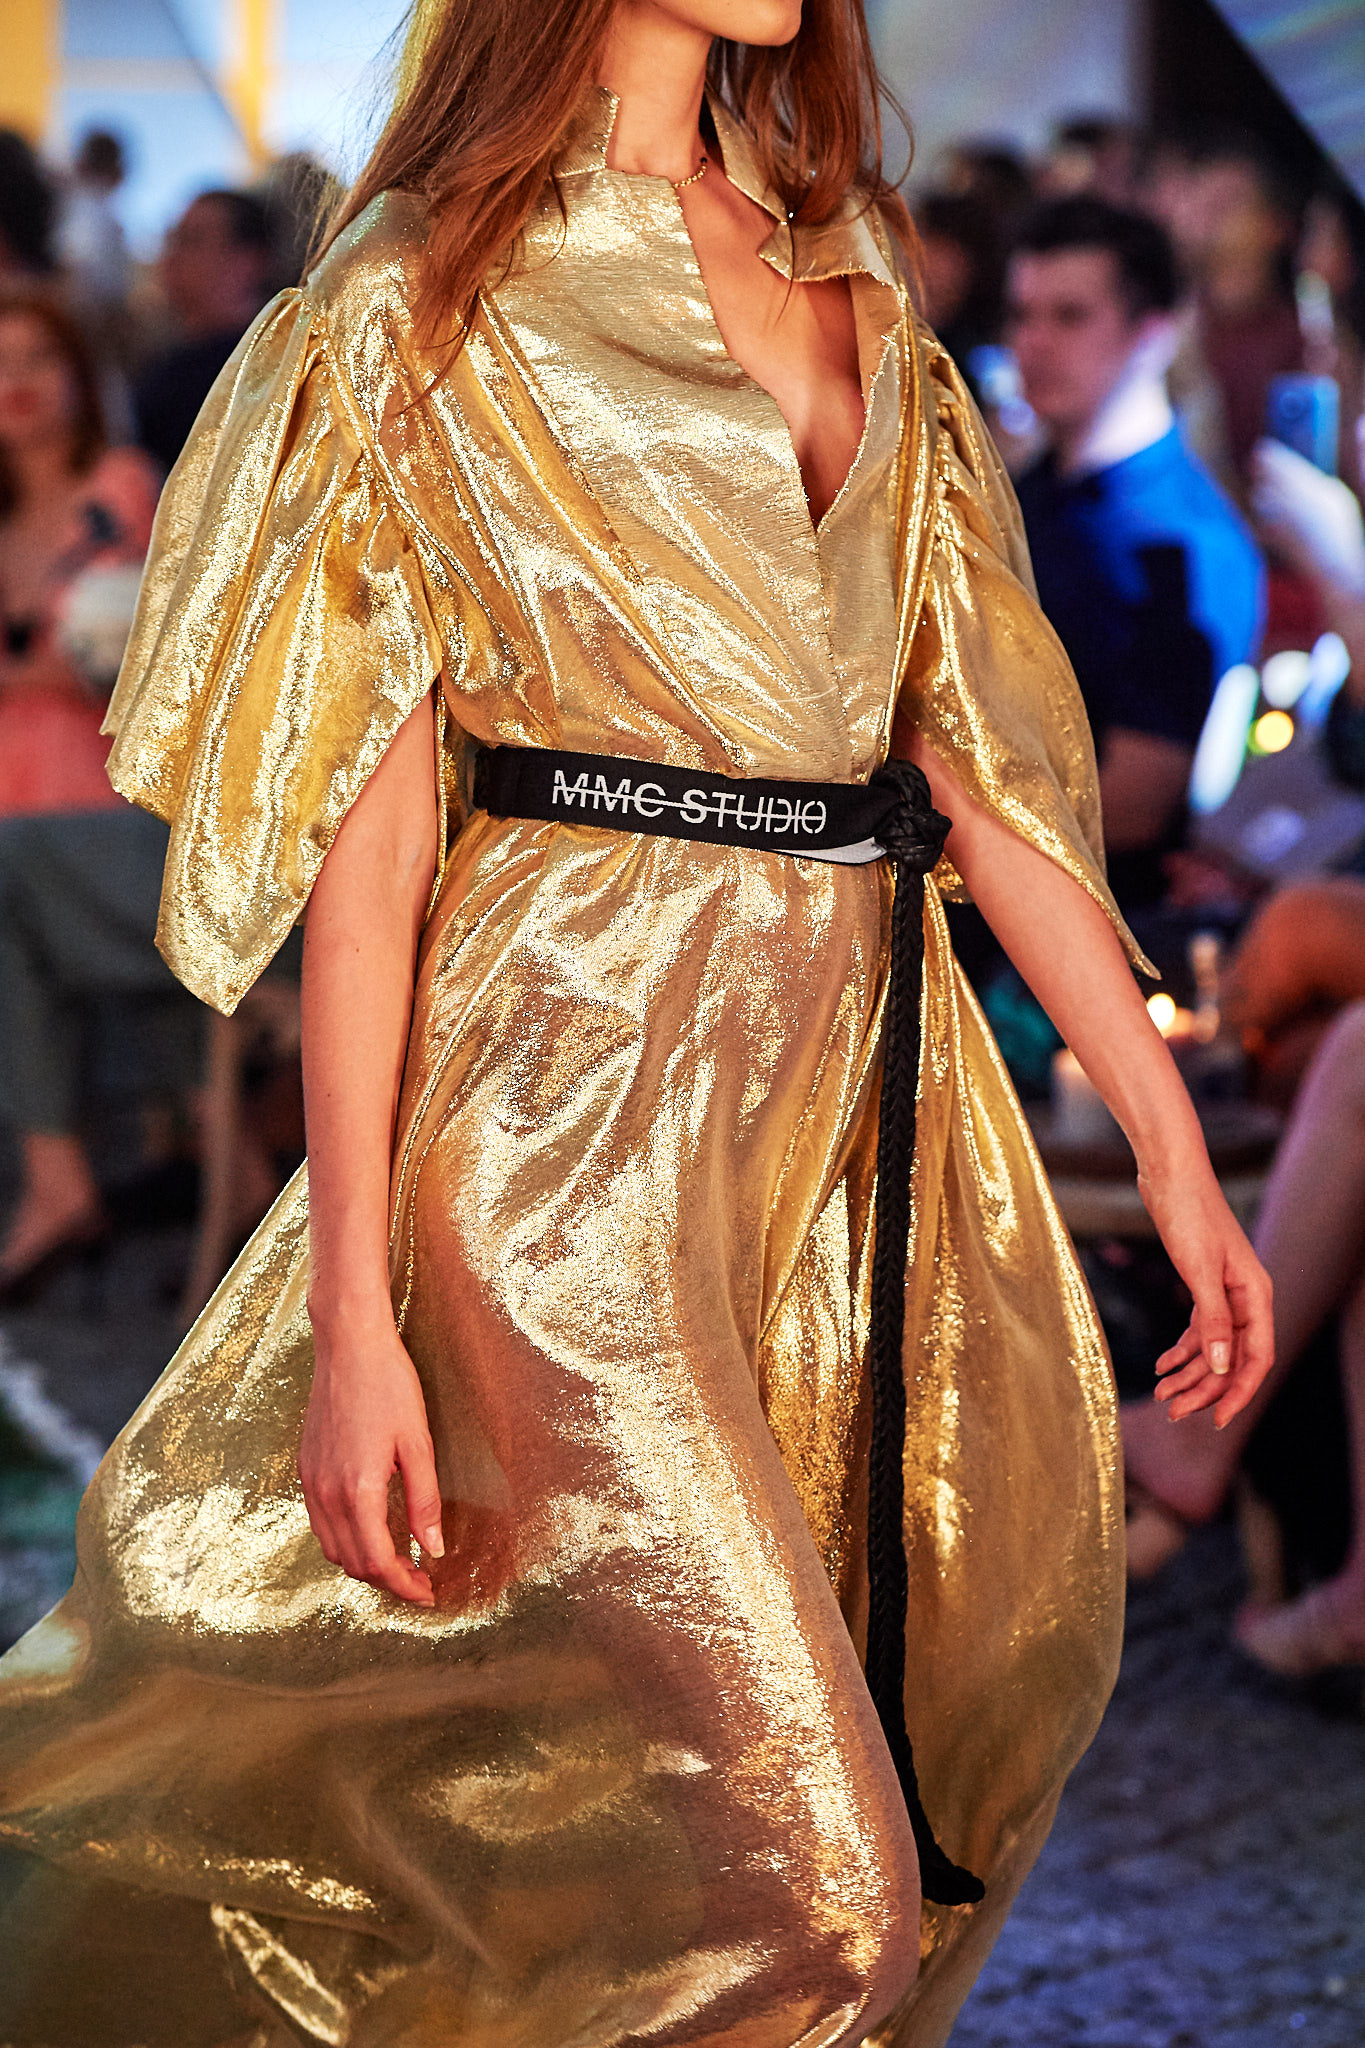 43_MMC-010719-lowres-fotFilipOkopny-FashionImages.jpg